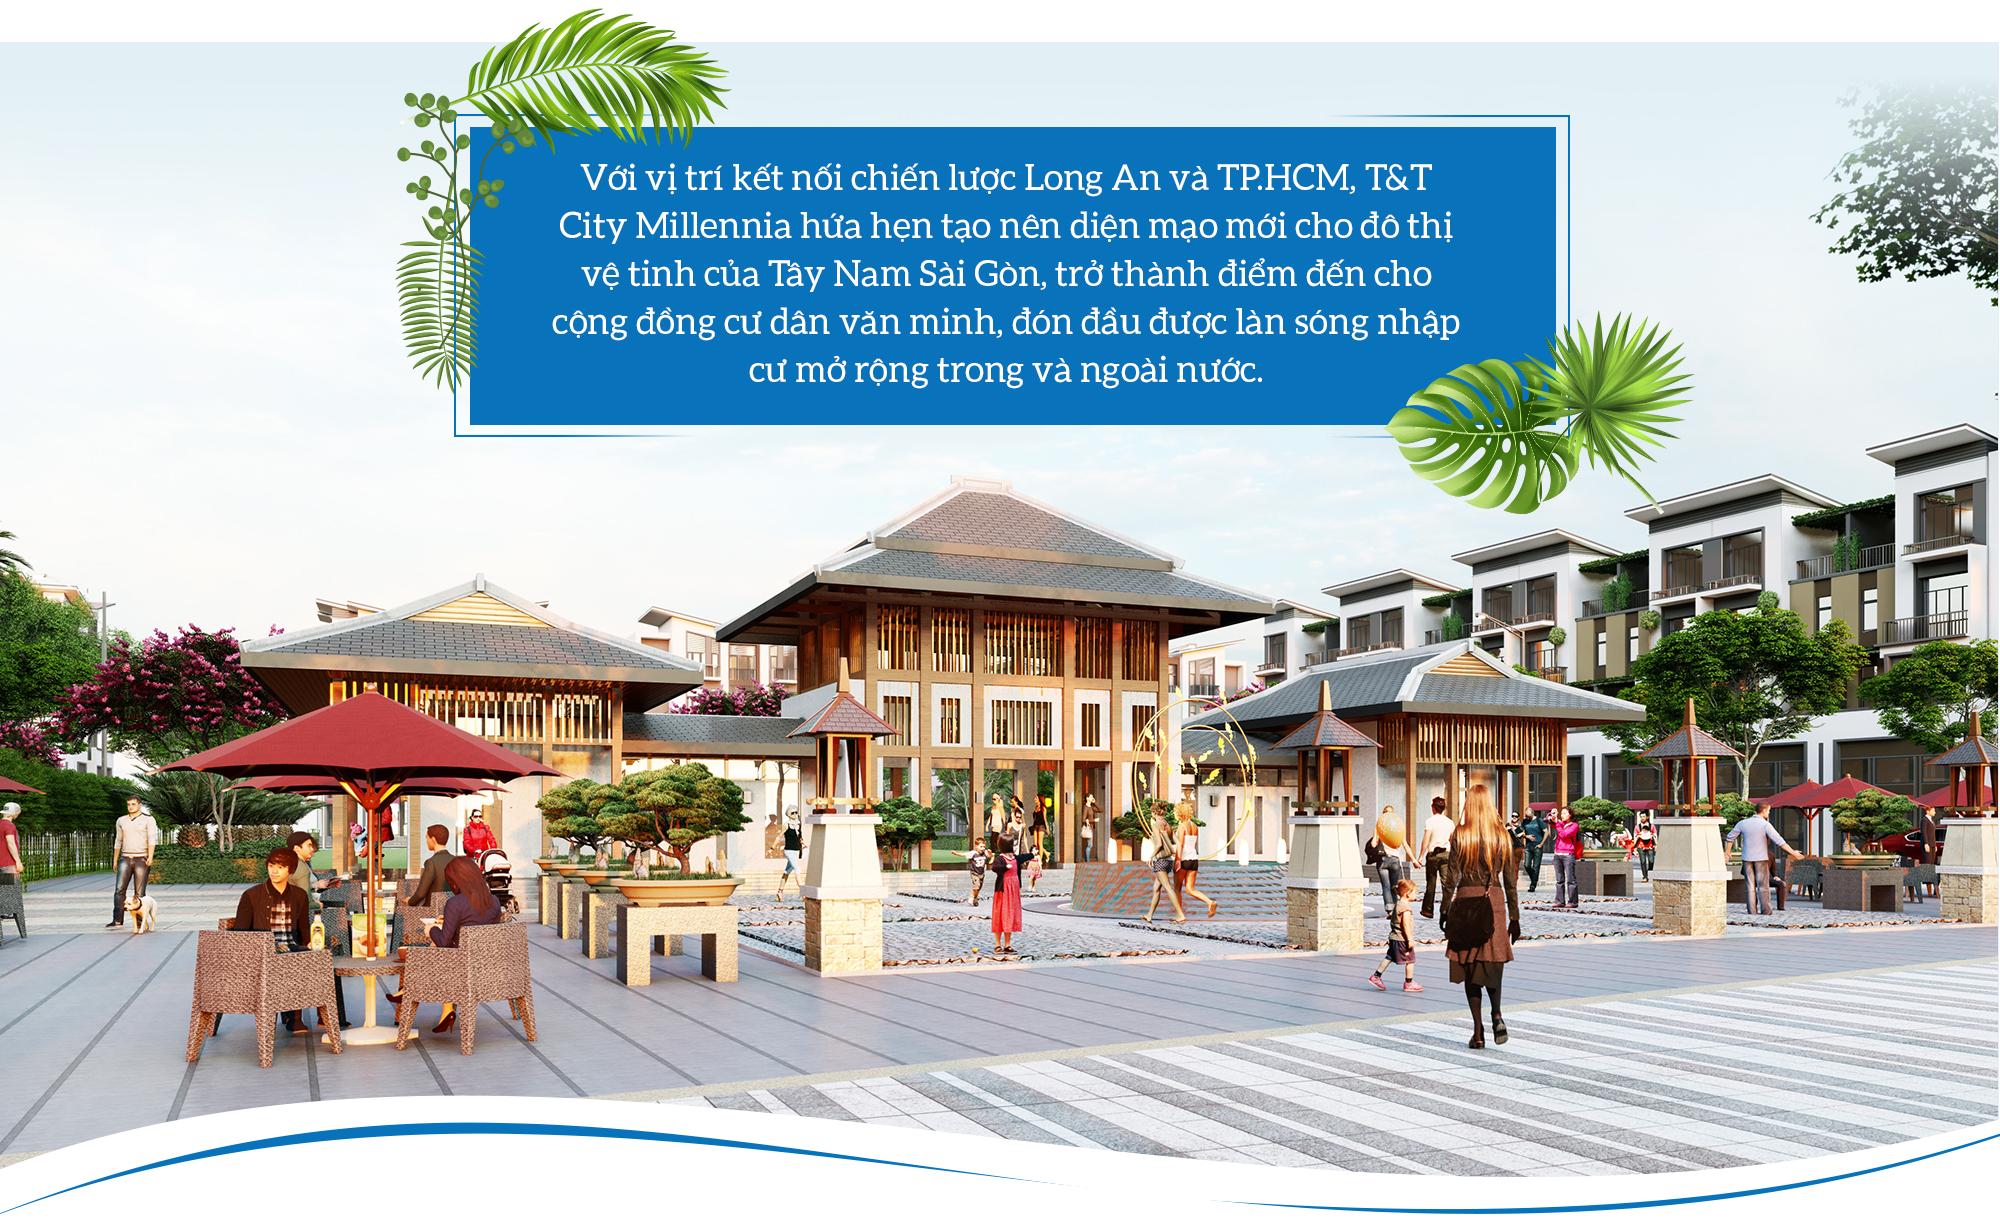 Thành phố Thiên niên kỷ T&T City Millennia – Miền đất hứa cho giấc mơ tương lai - Ảnh 2.